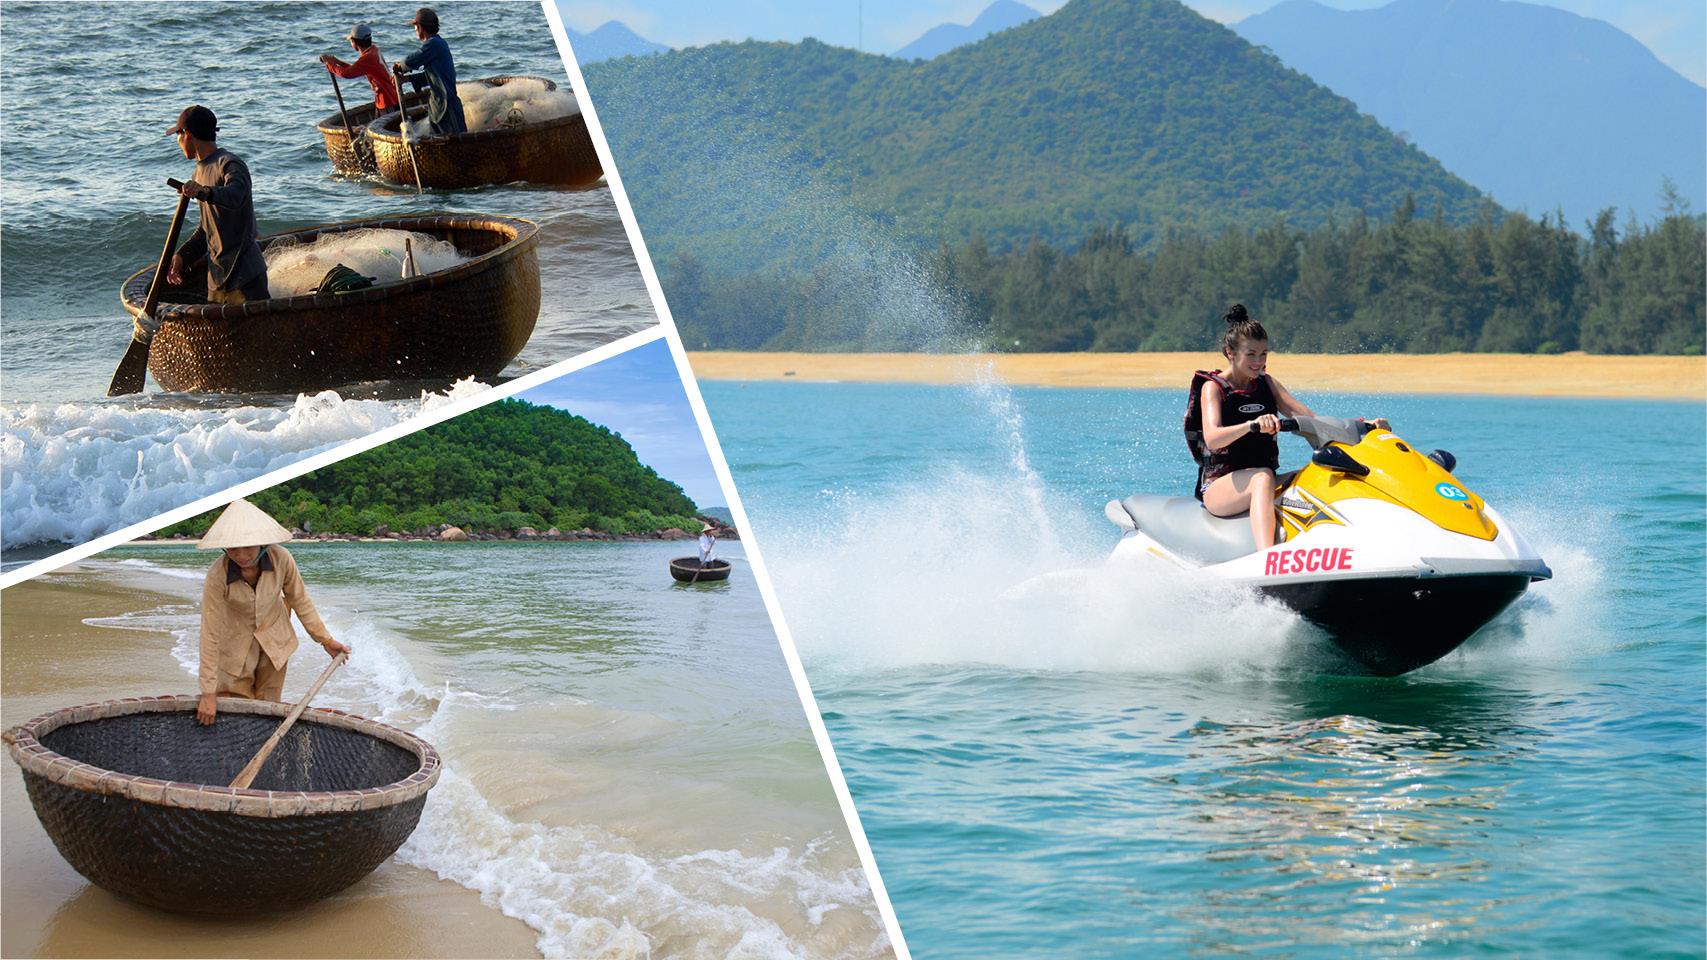 Vietnam Basket Boat-Jet Ski Safari